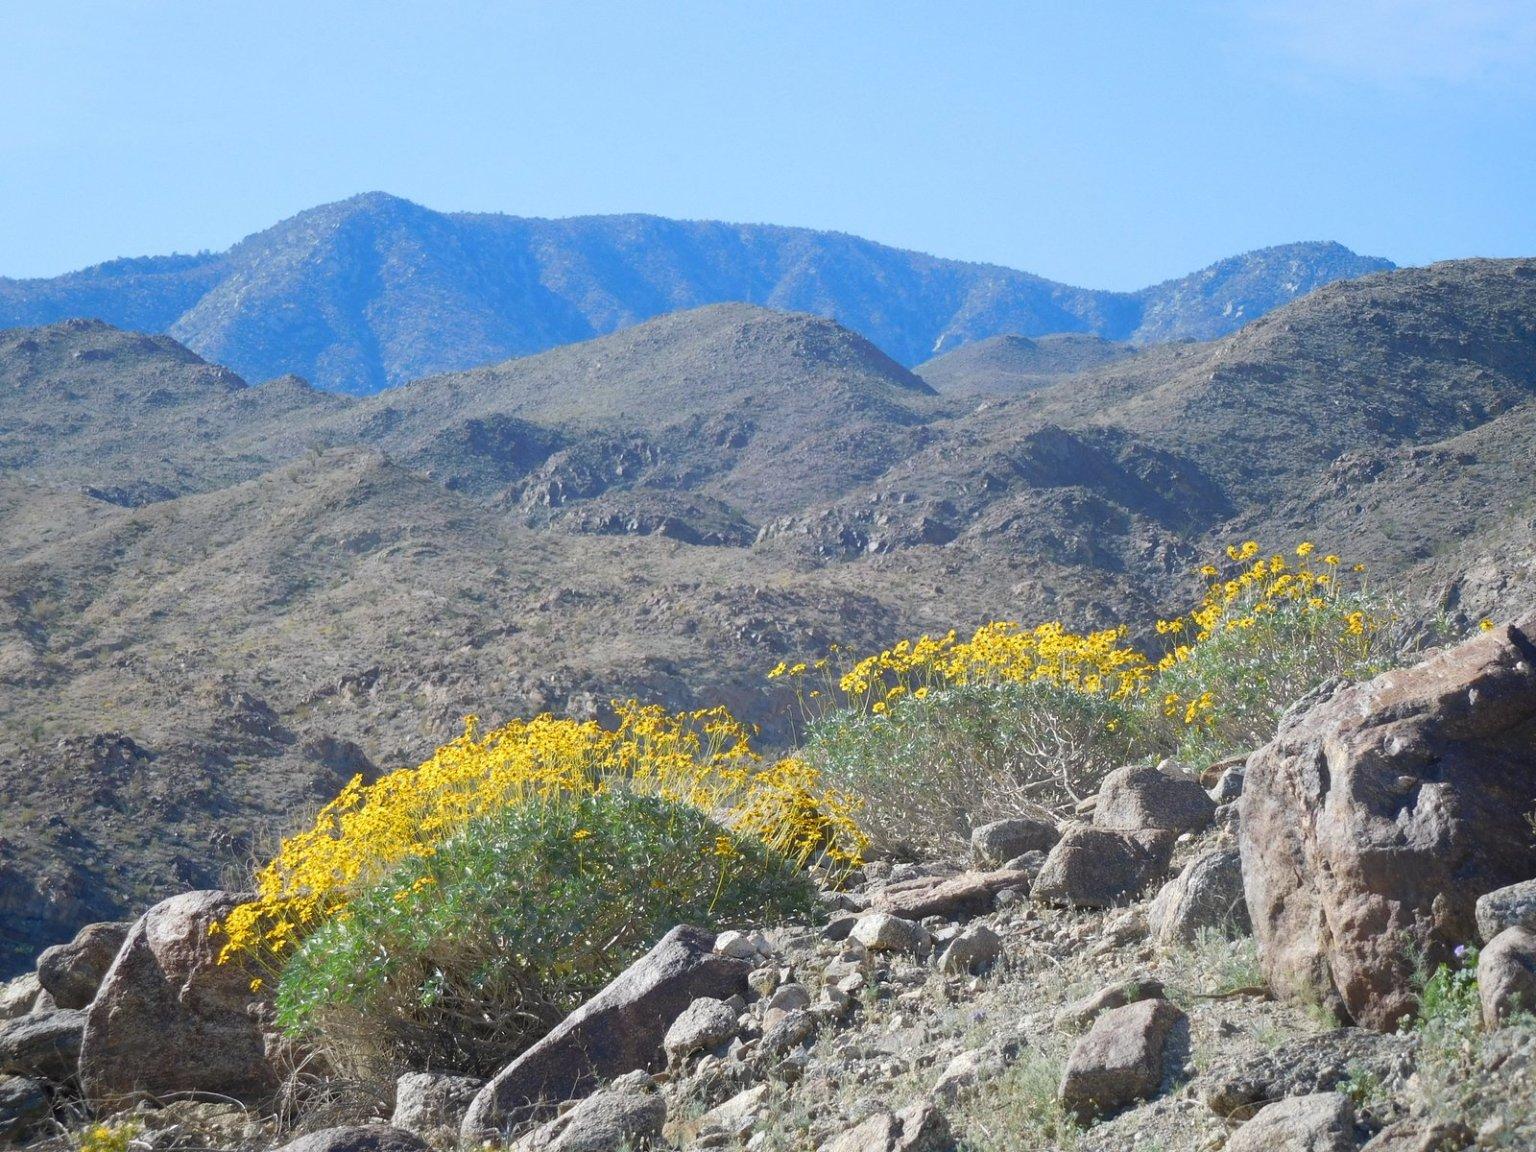 Fun, lesser-known hiking trails around the Coachella Valley